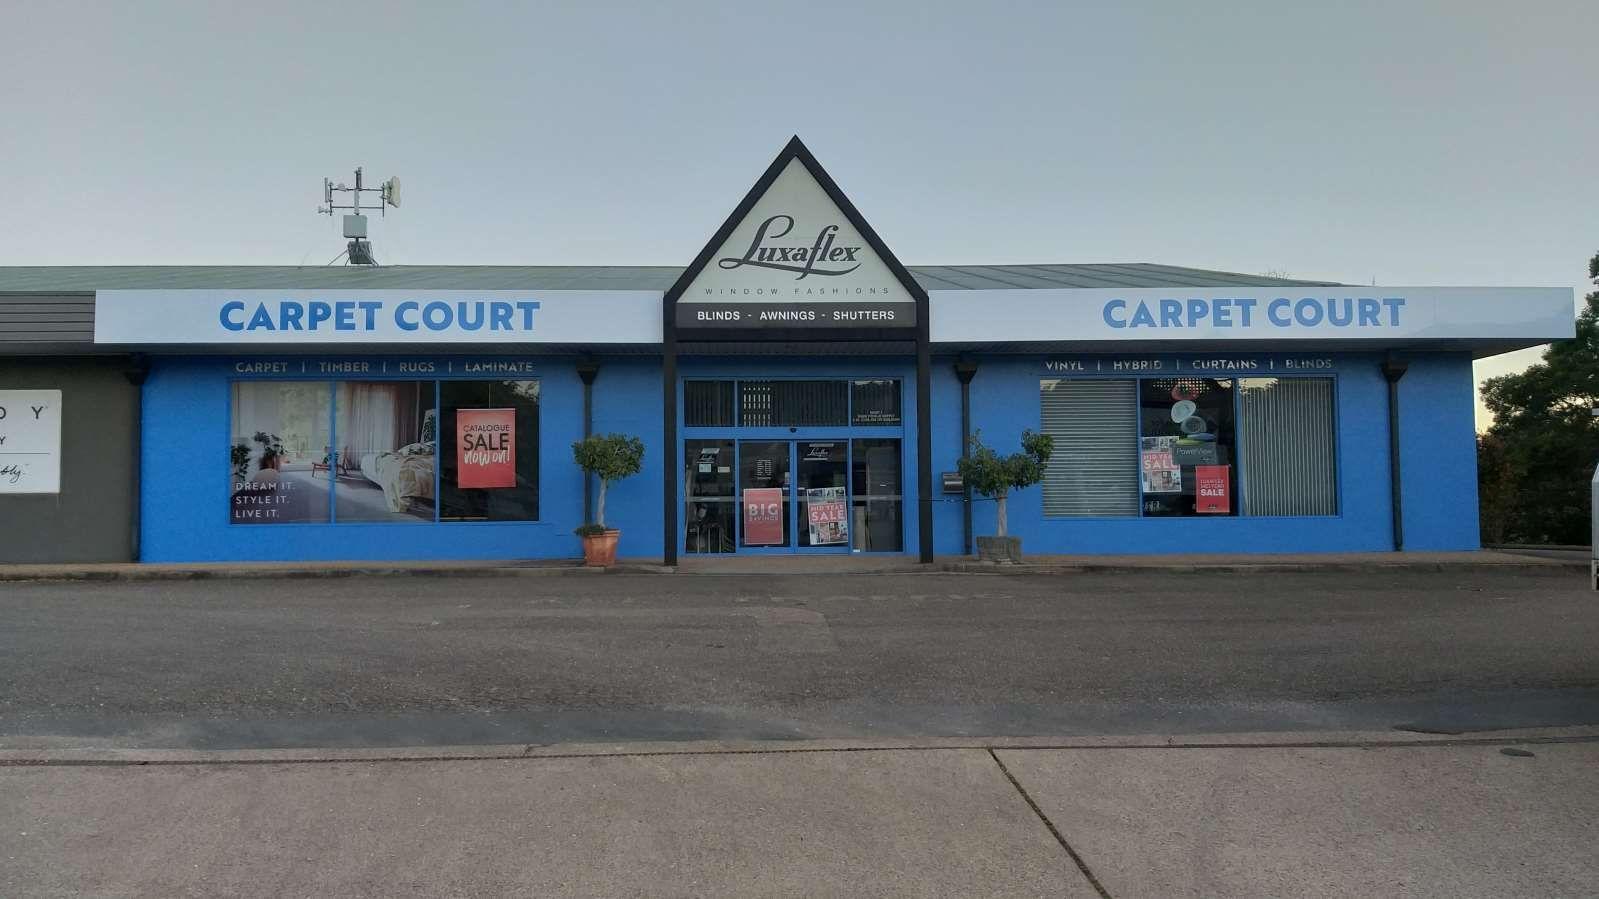 Pambula Carpet Court